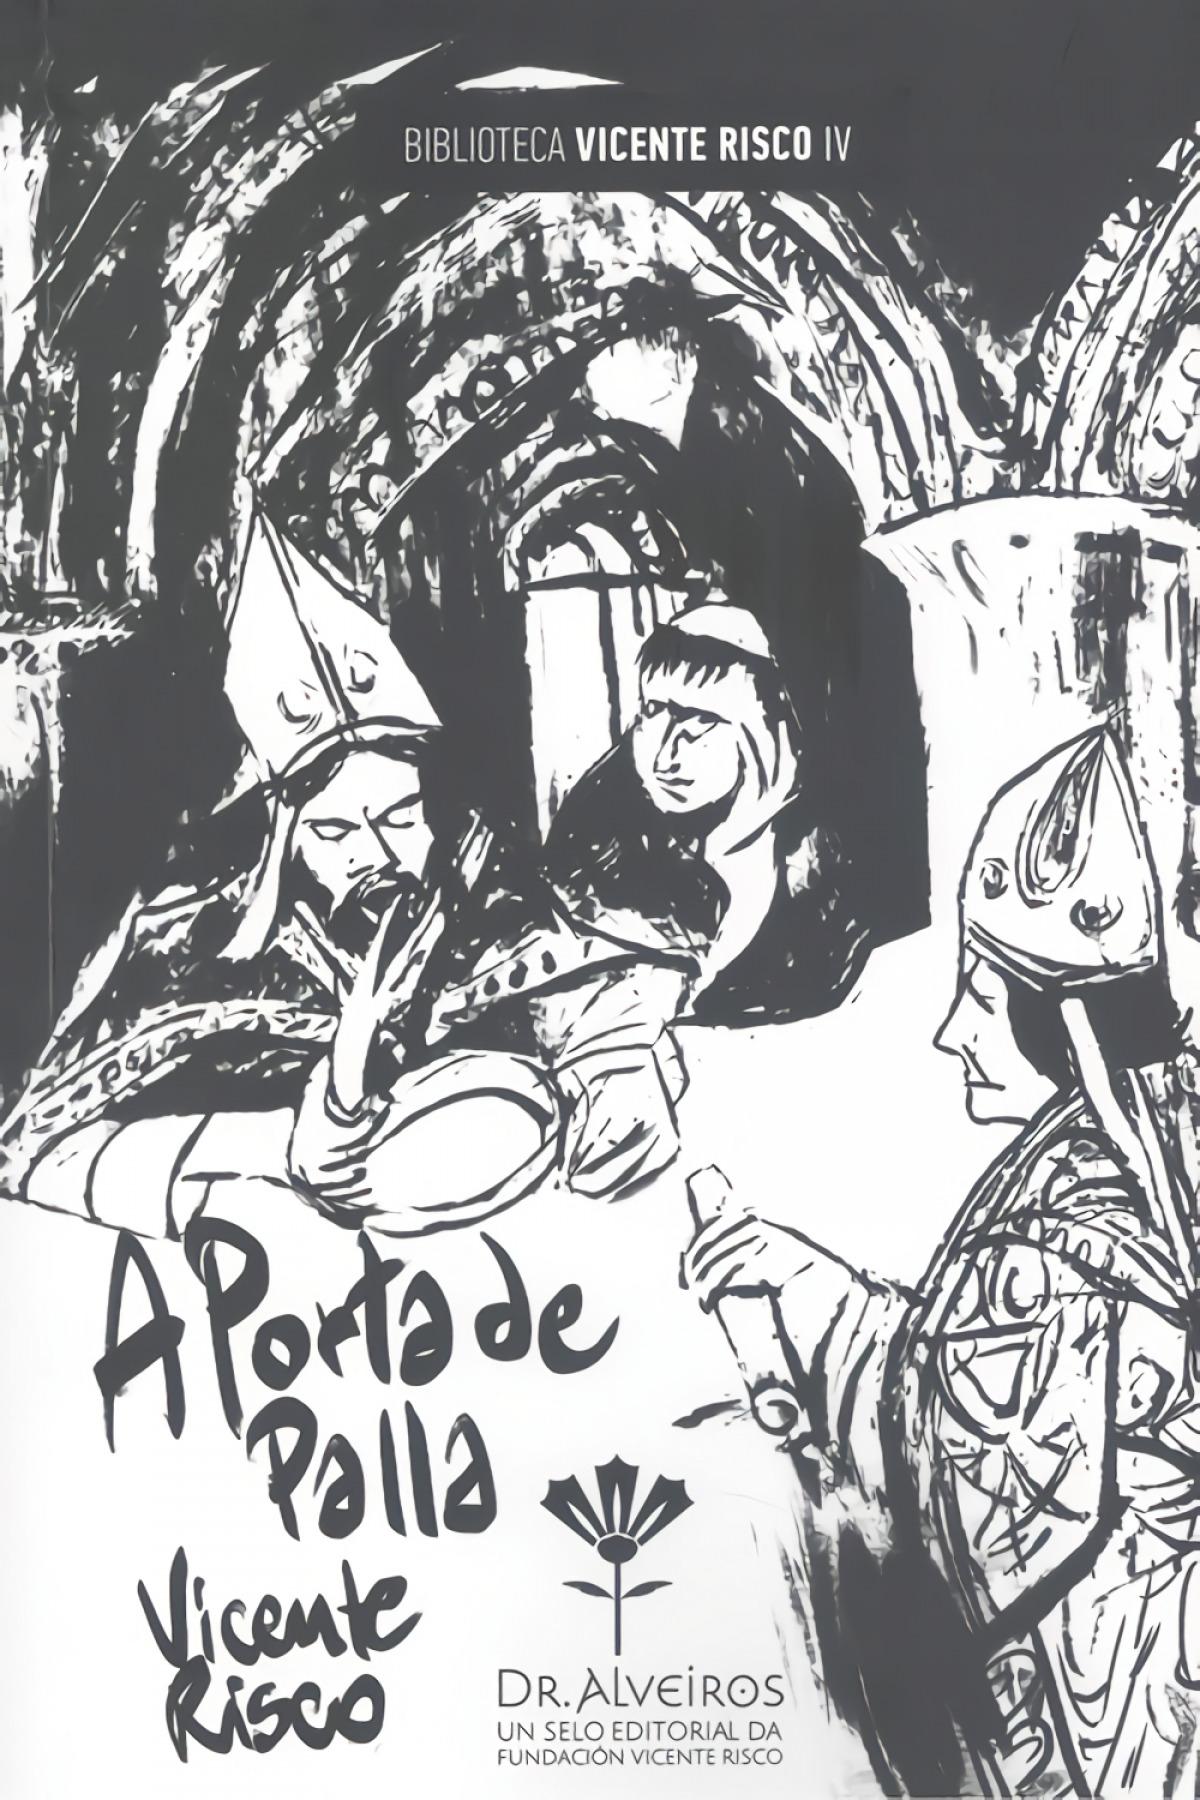 A PORTA DE PALLA